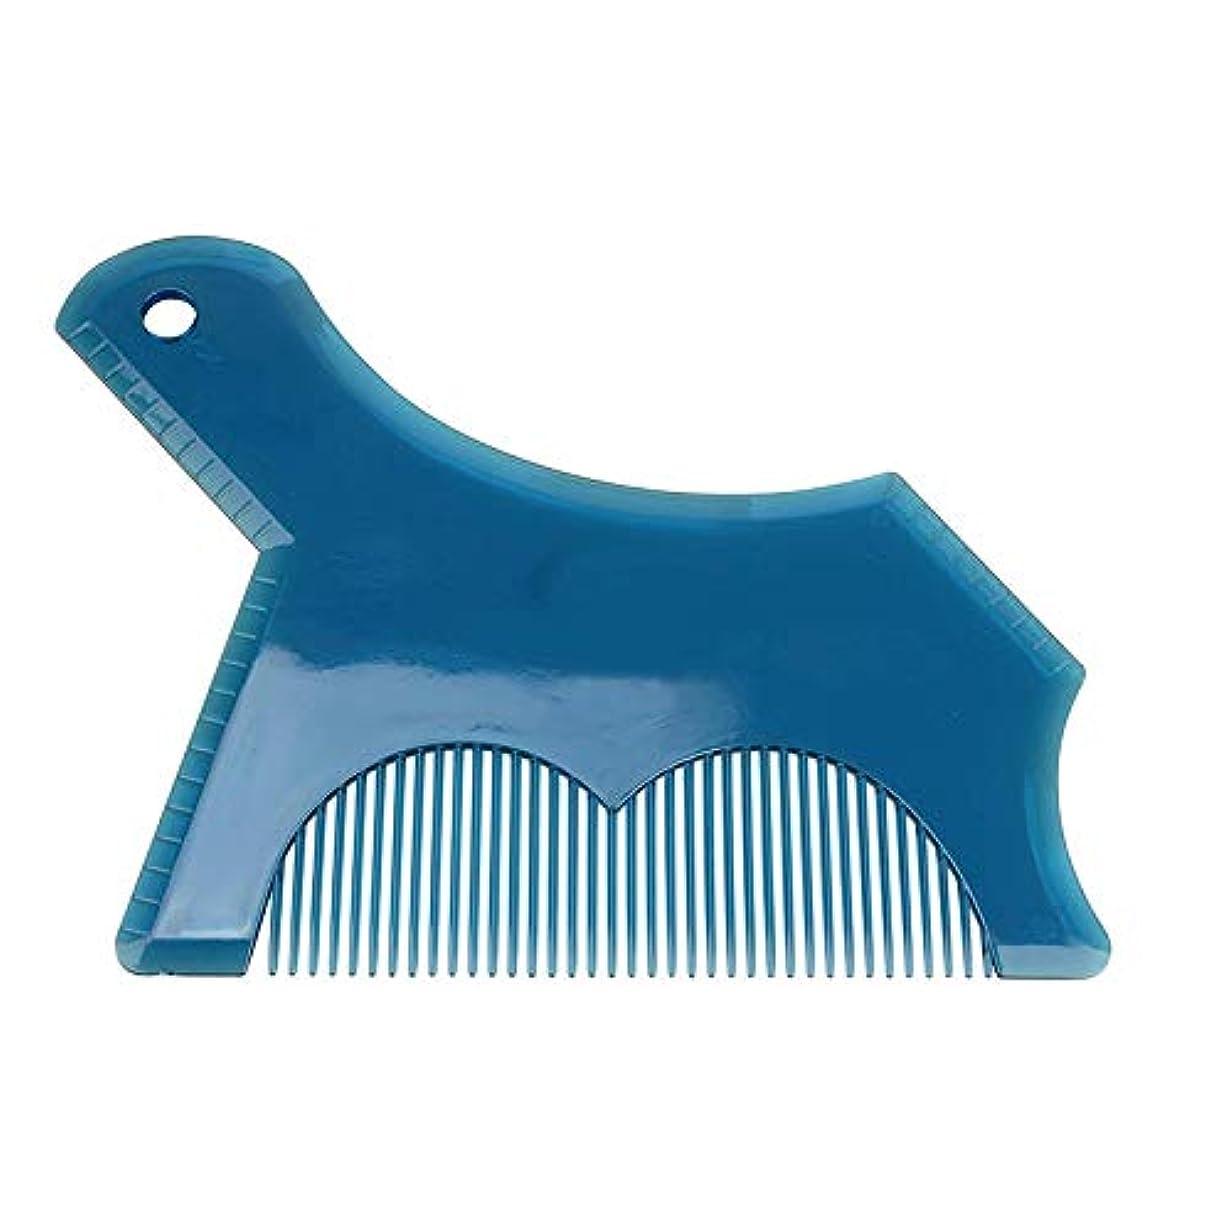 主張する教えて禁止するTOOGOO 新しい革新的なデザインひげ成形ツール トリミングシェイパーテンプレートガイド フルサイズの櫛 シェービングやステンシル用 ラインアップ